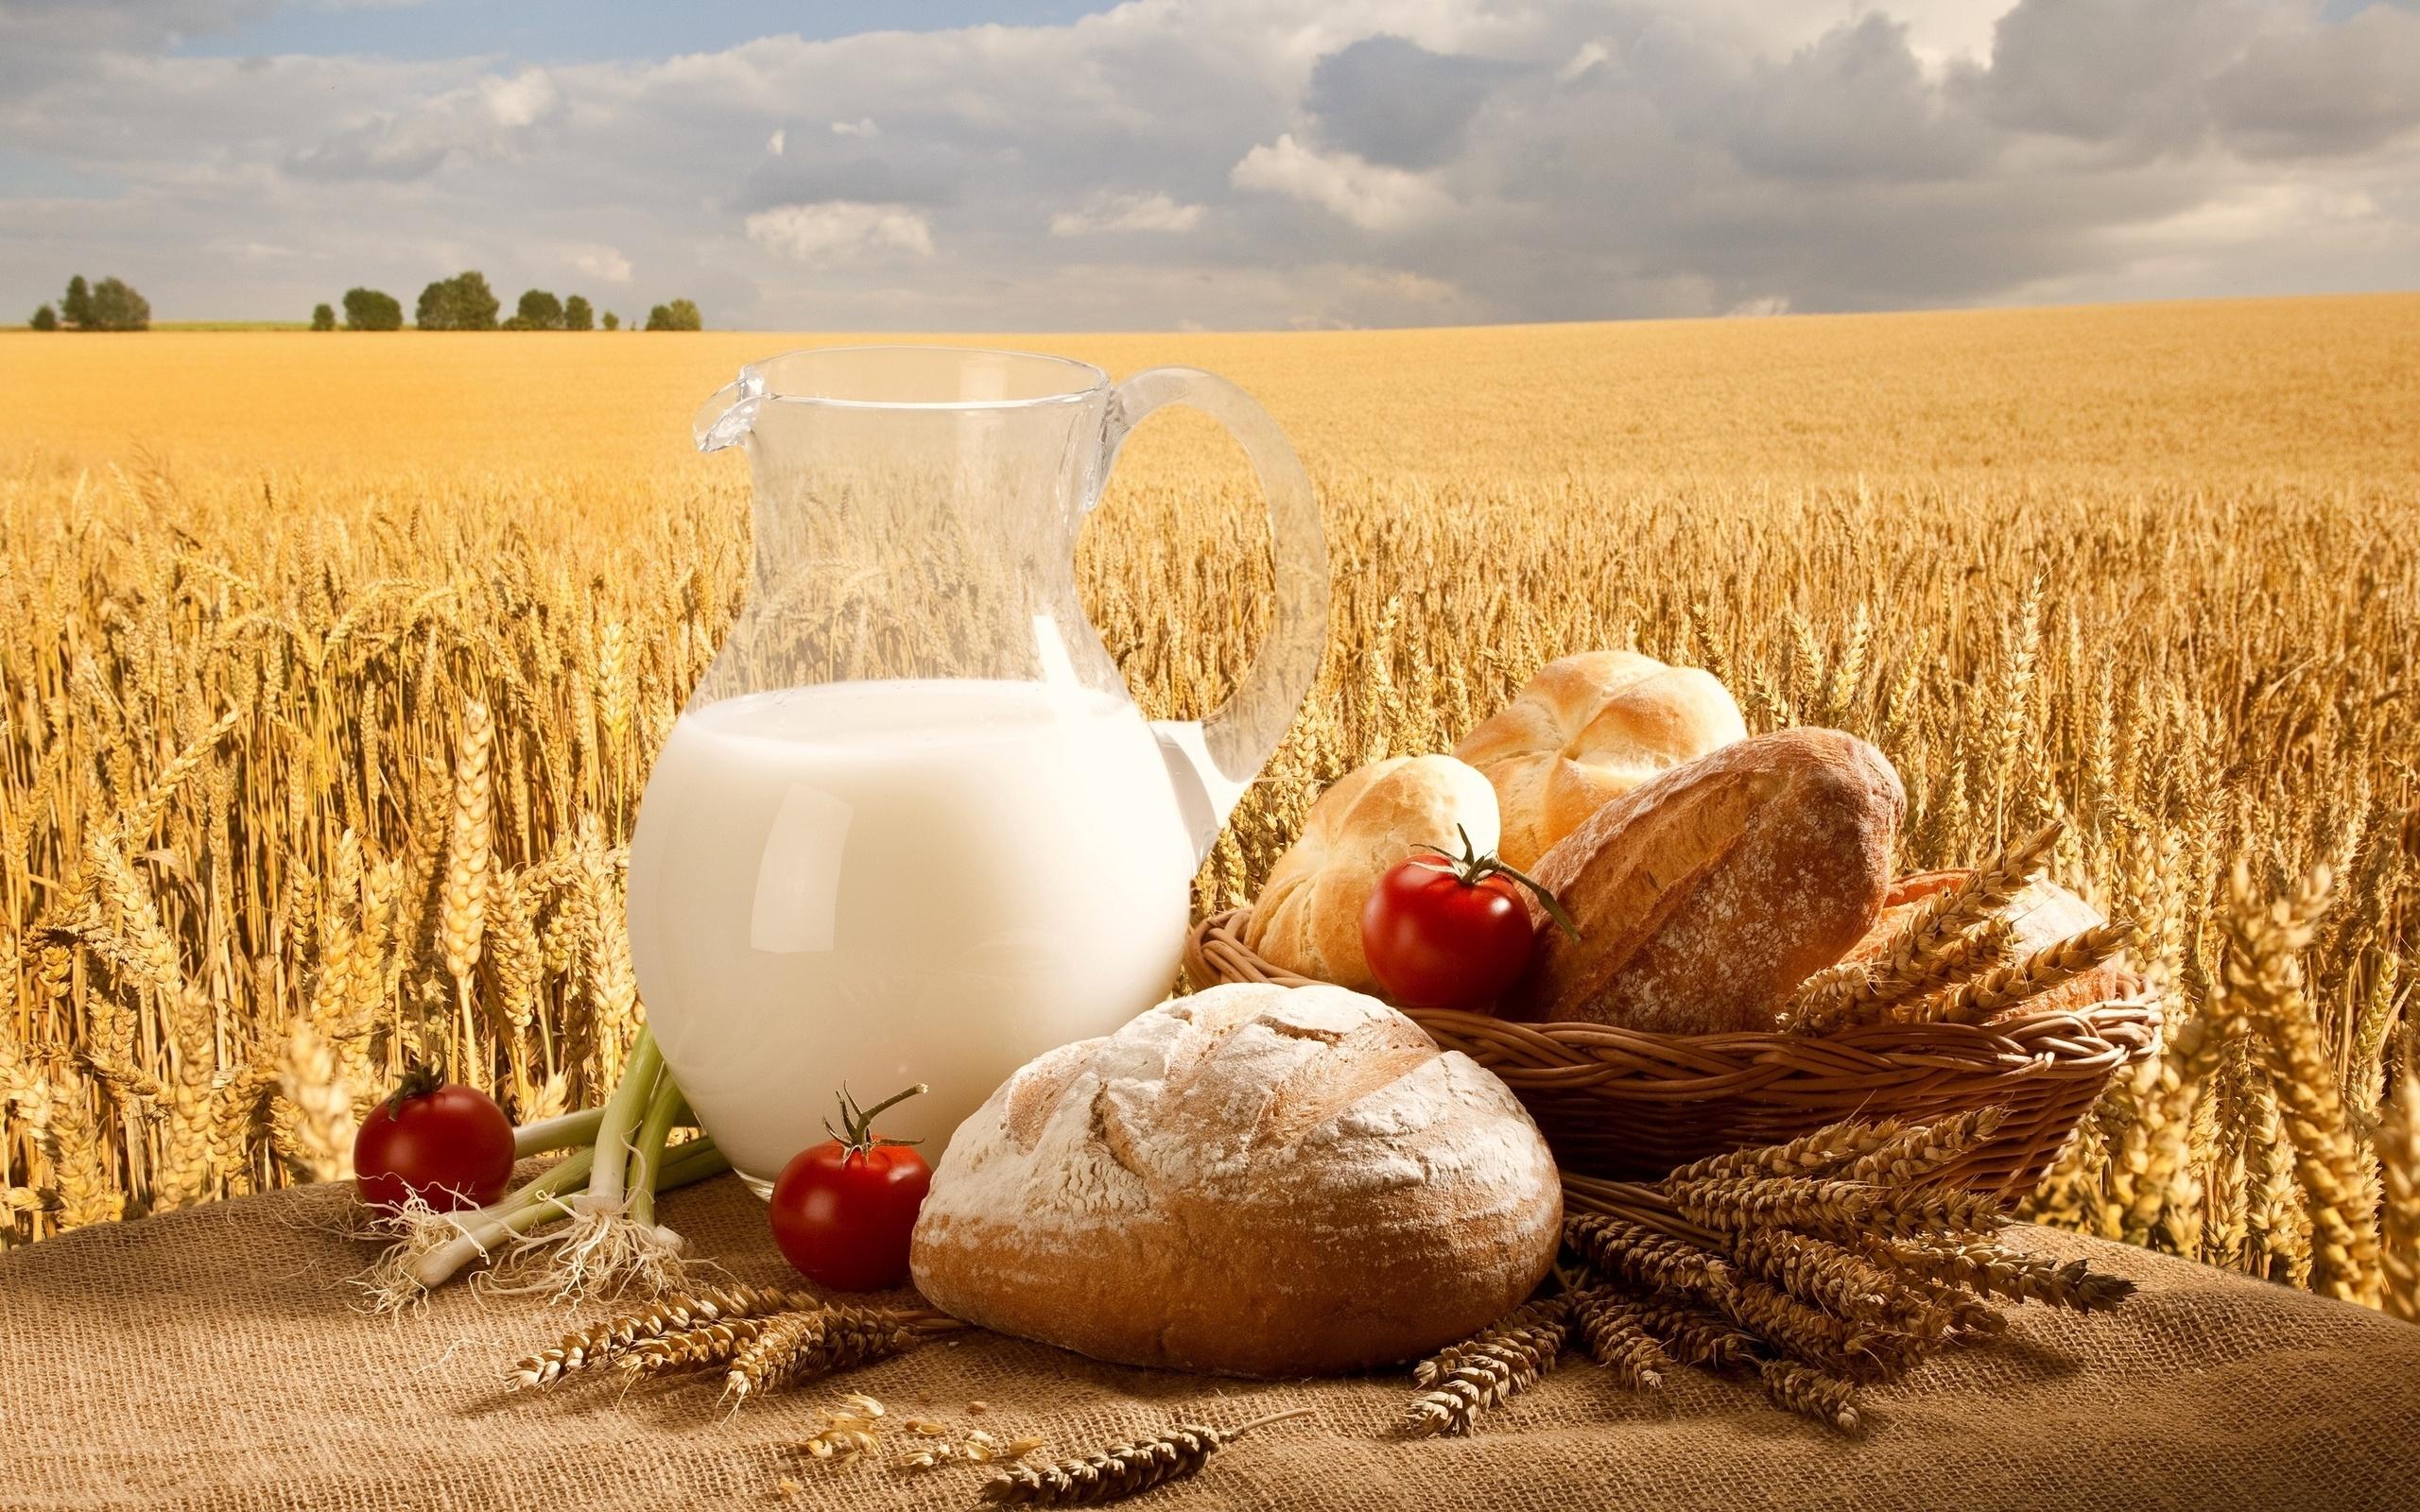 Картинки сельхозпродукции, год 2016